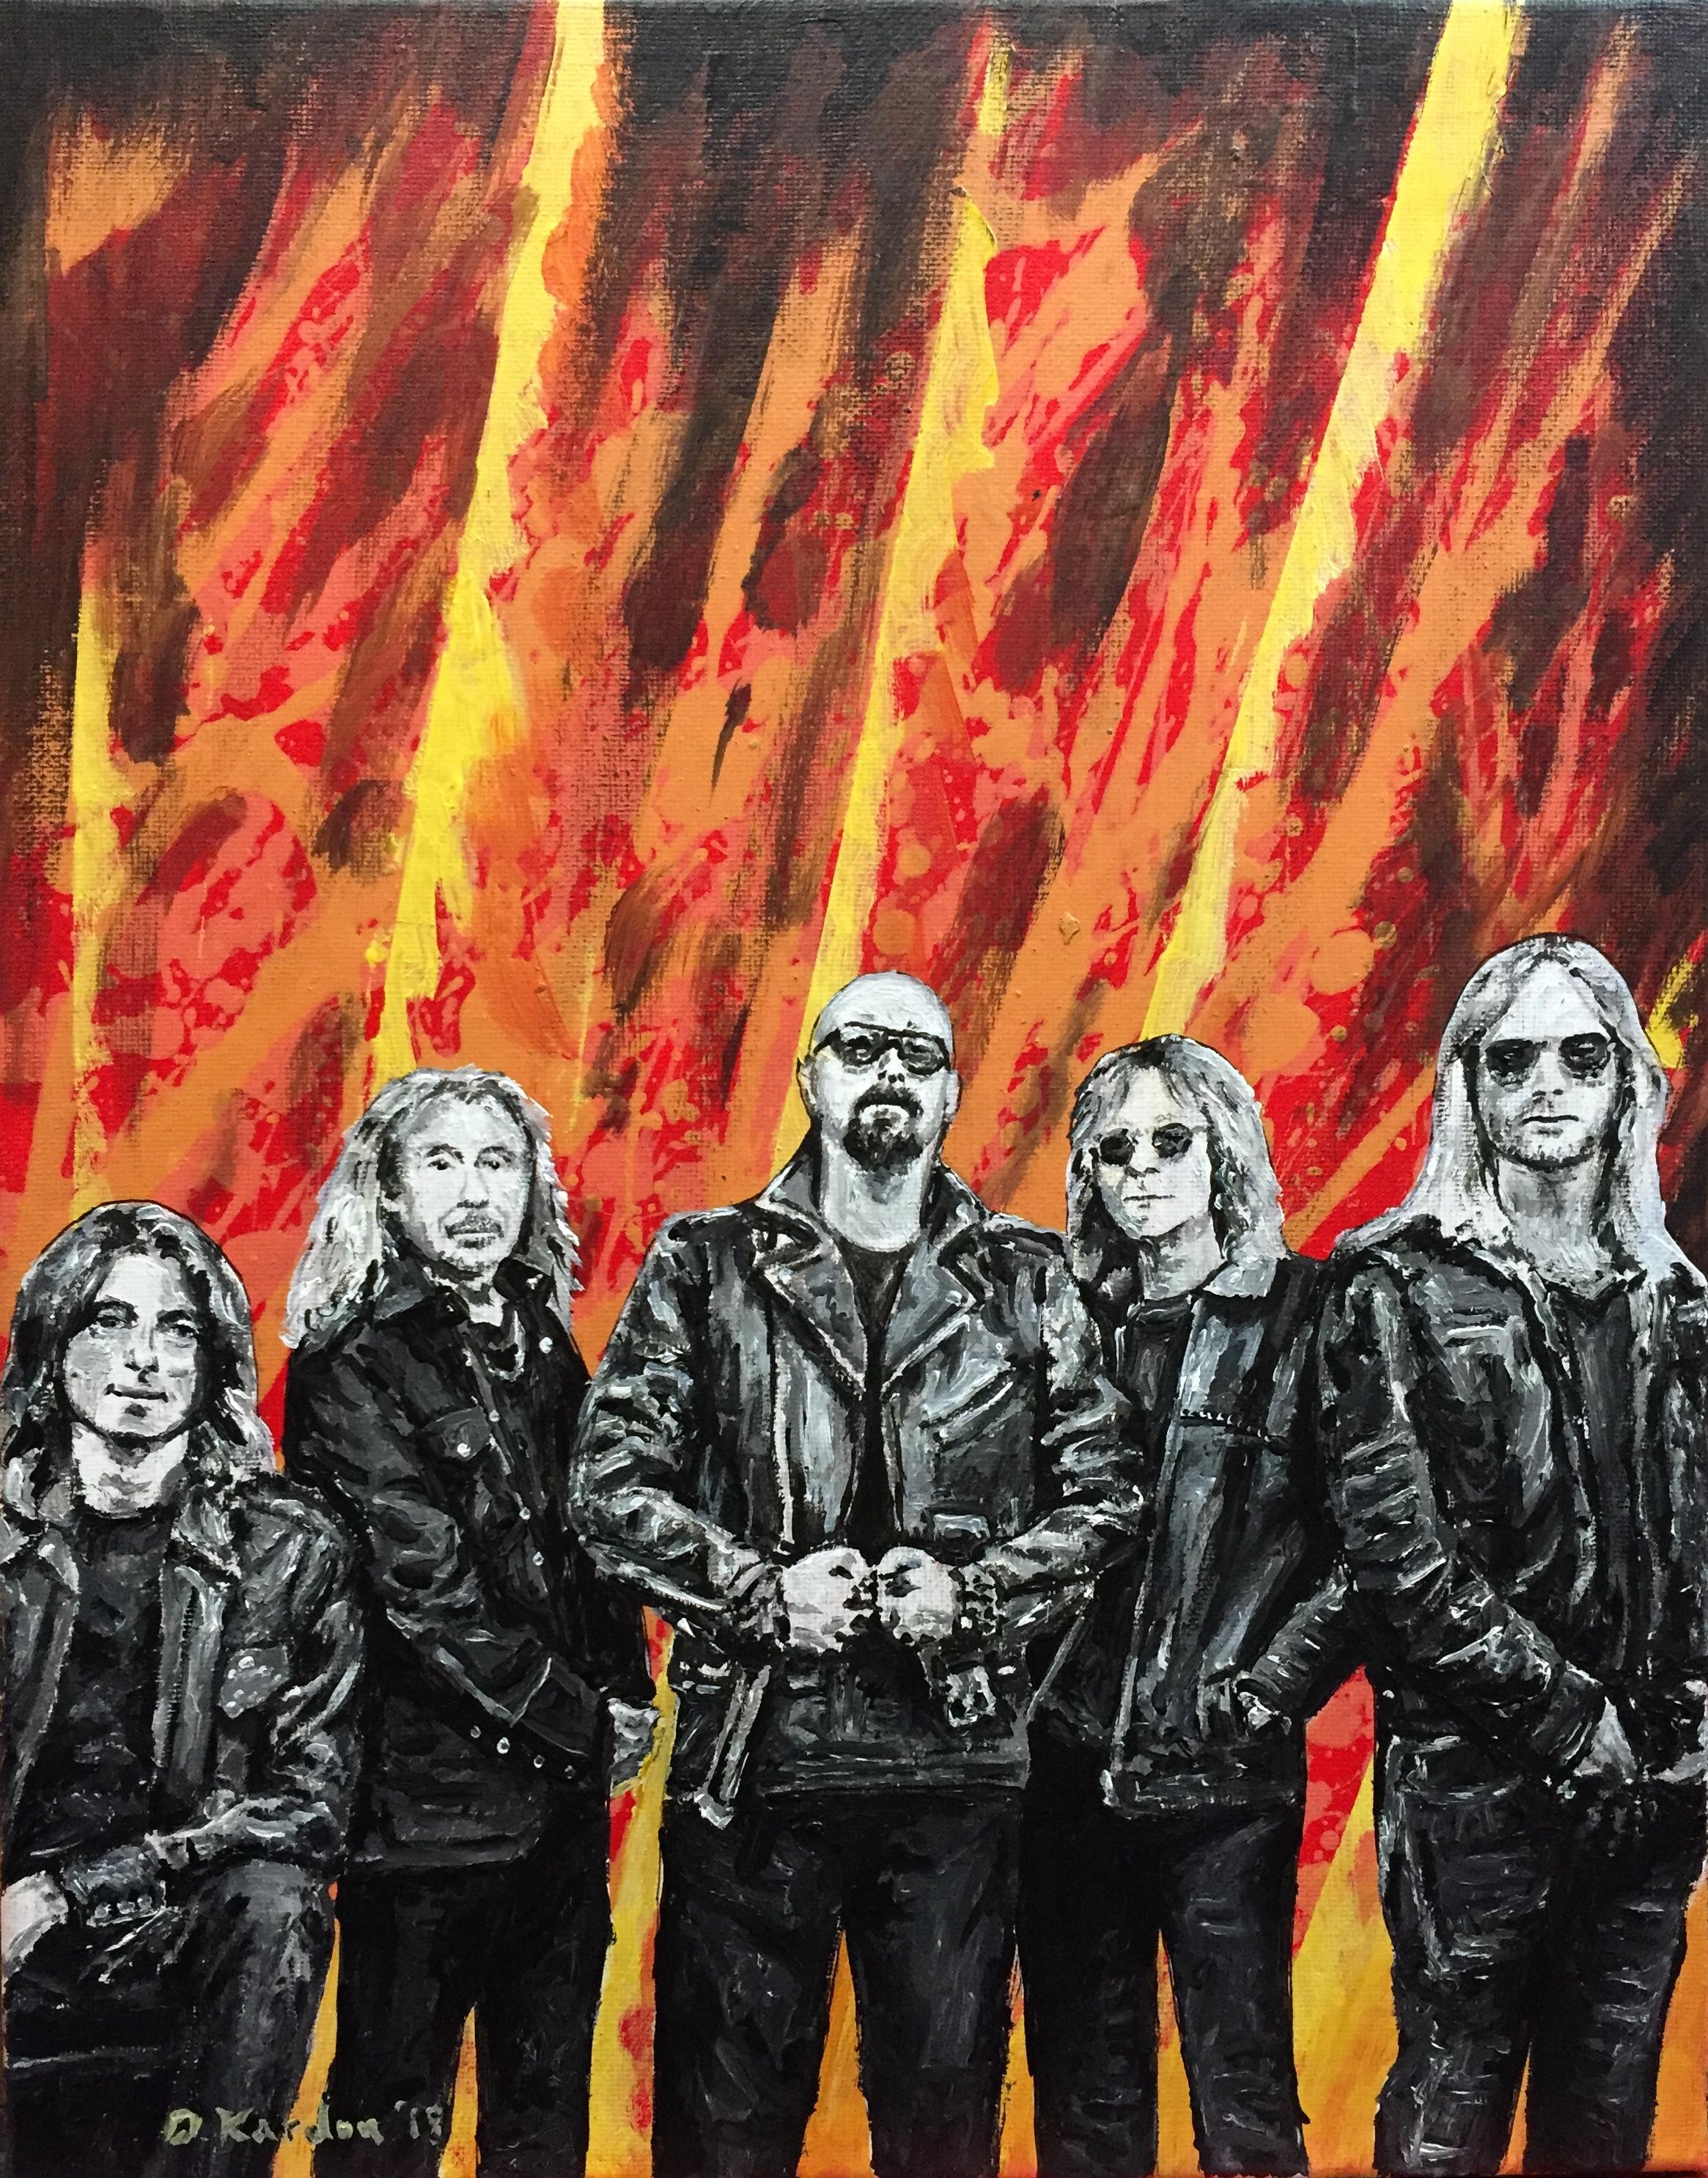 Judas Priest Painting- 2018- Damon Kardon